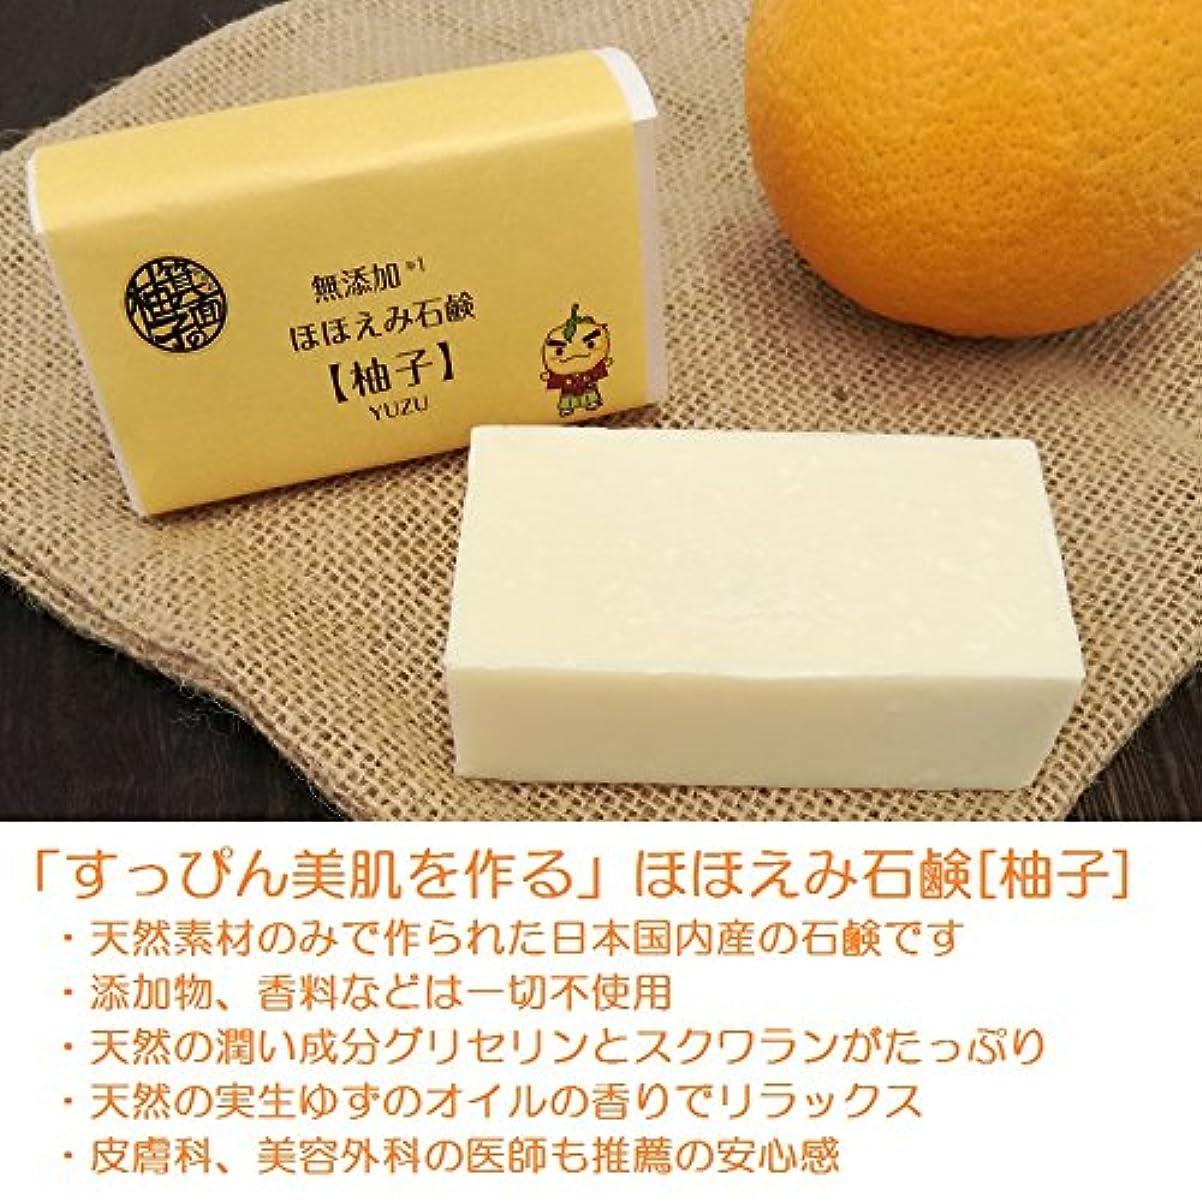 不承認させる誓うすっぴん美肌を作る ほほえみ石鹸 柚子 オリーブオイル 無添加 オーガニック 日本製 80g